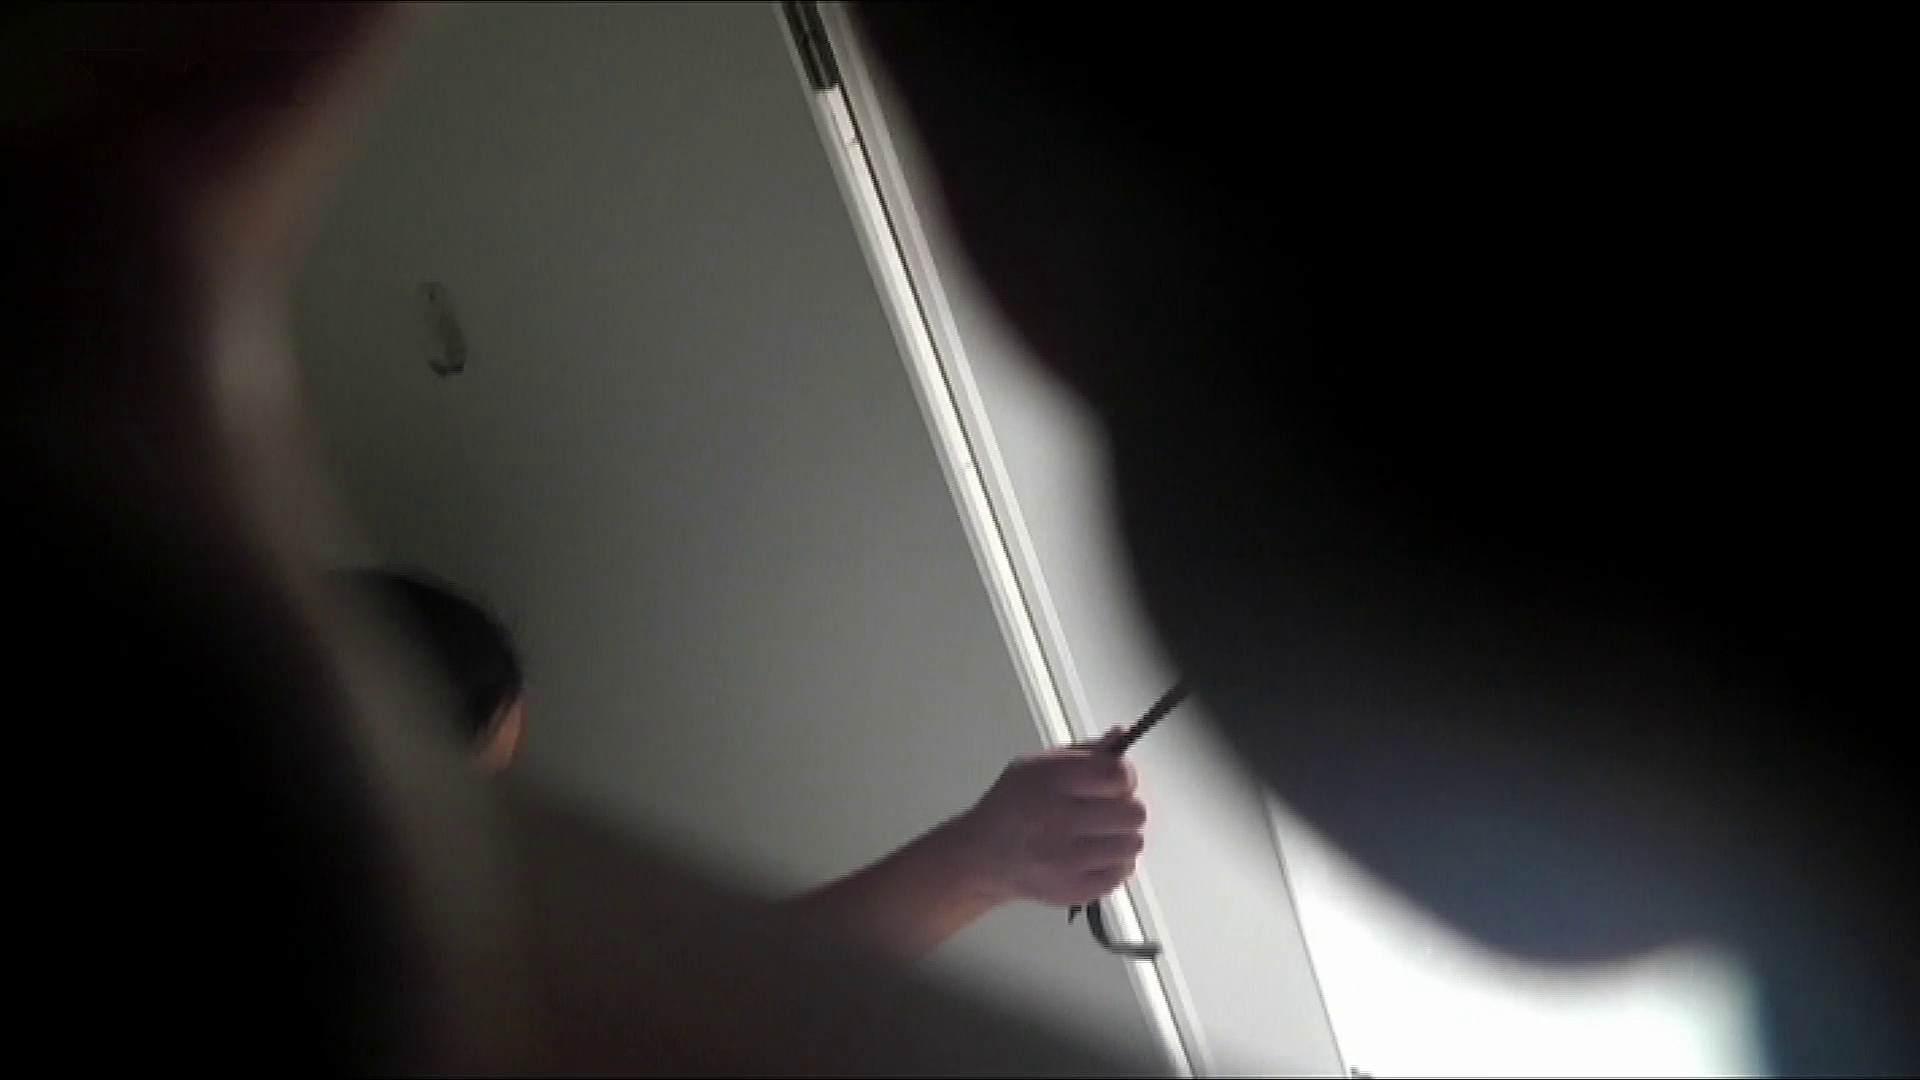 ステーション編 vol51 最後の女性は見どころです!! ギャル攻め すけべAV動画紹介 81画像 47